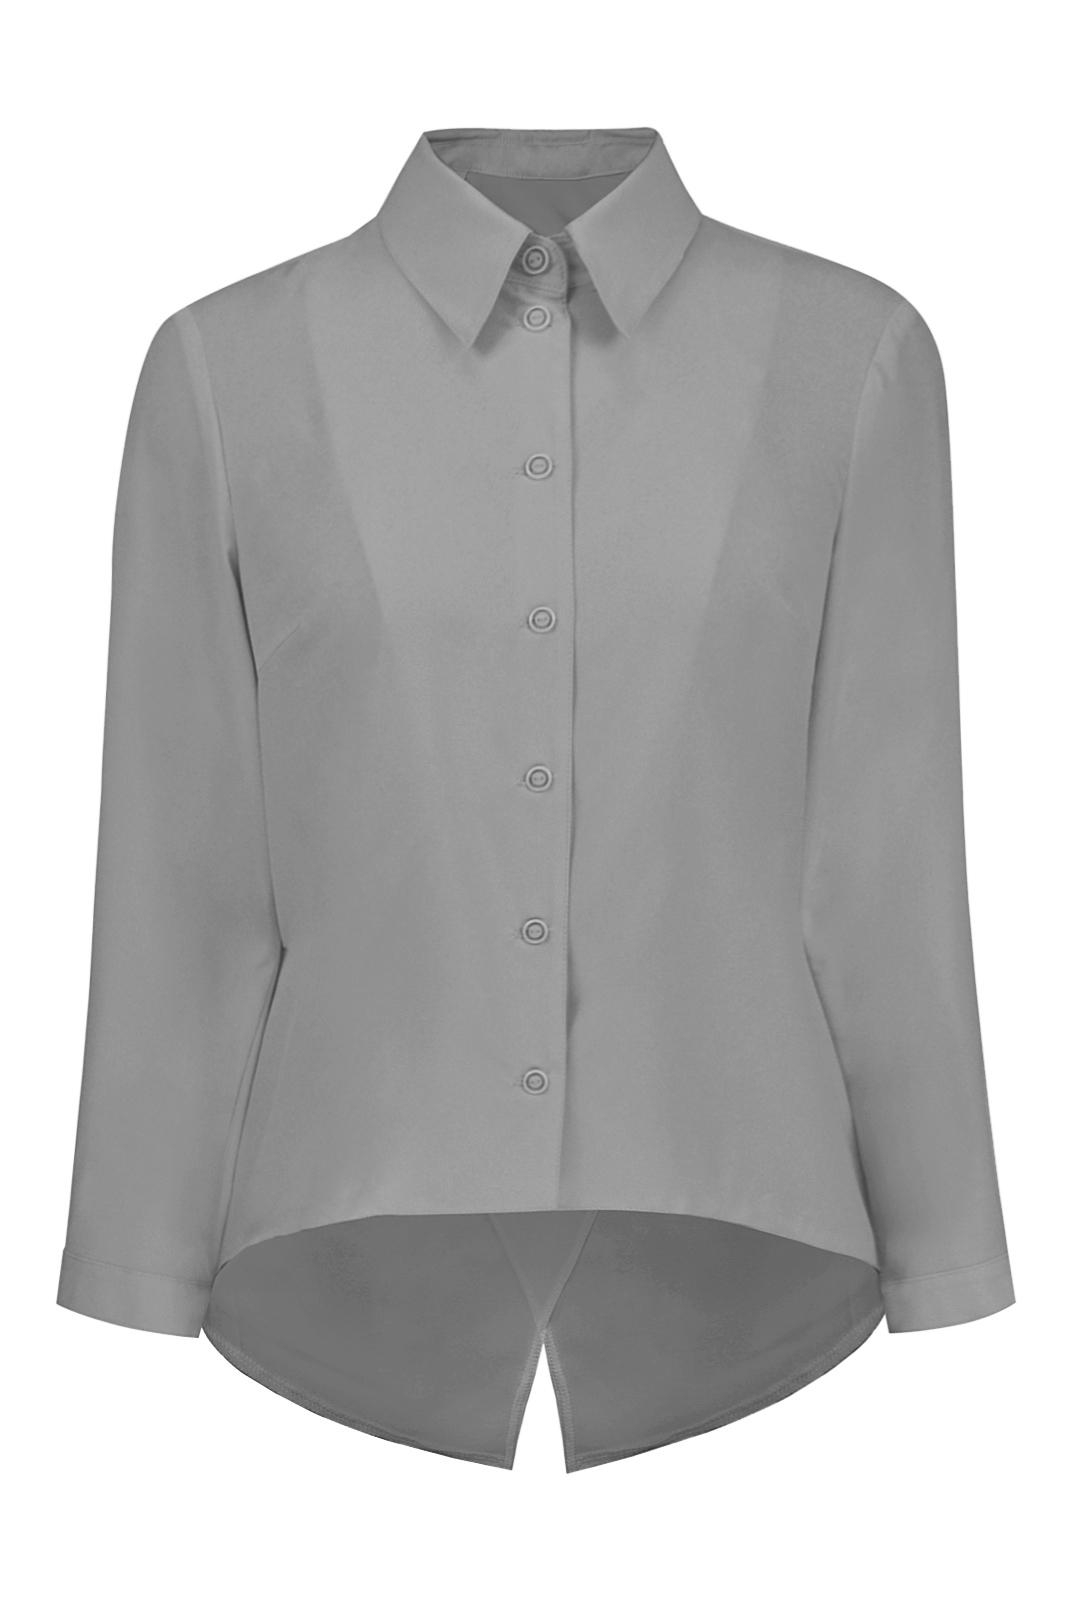 Блузка Женская Купить Интернет Магазин